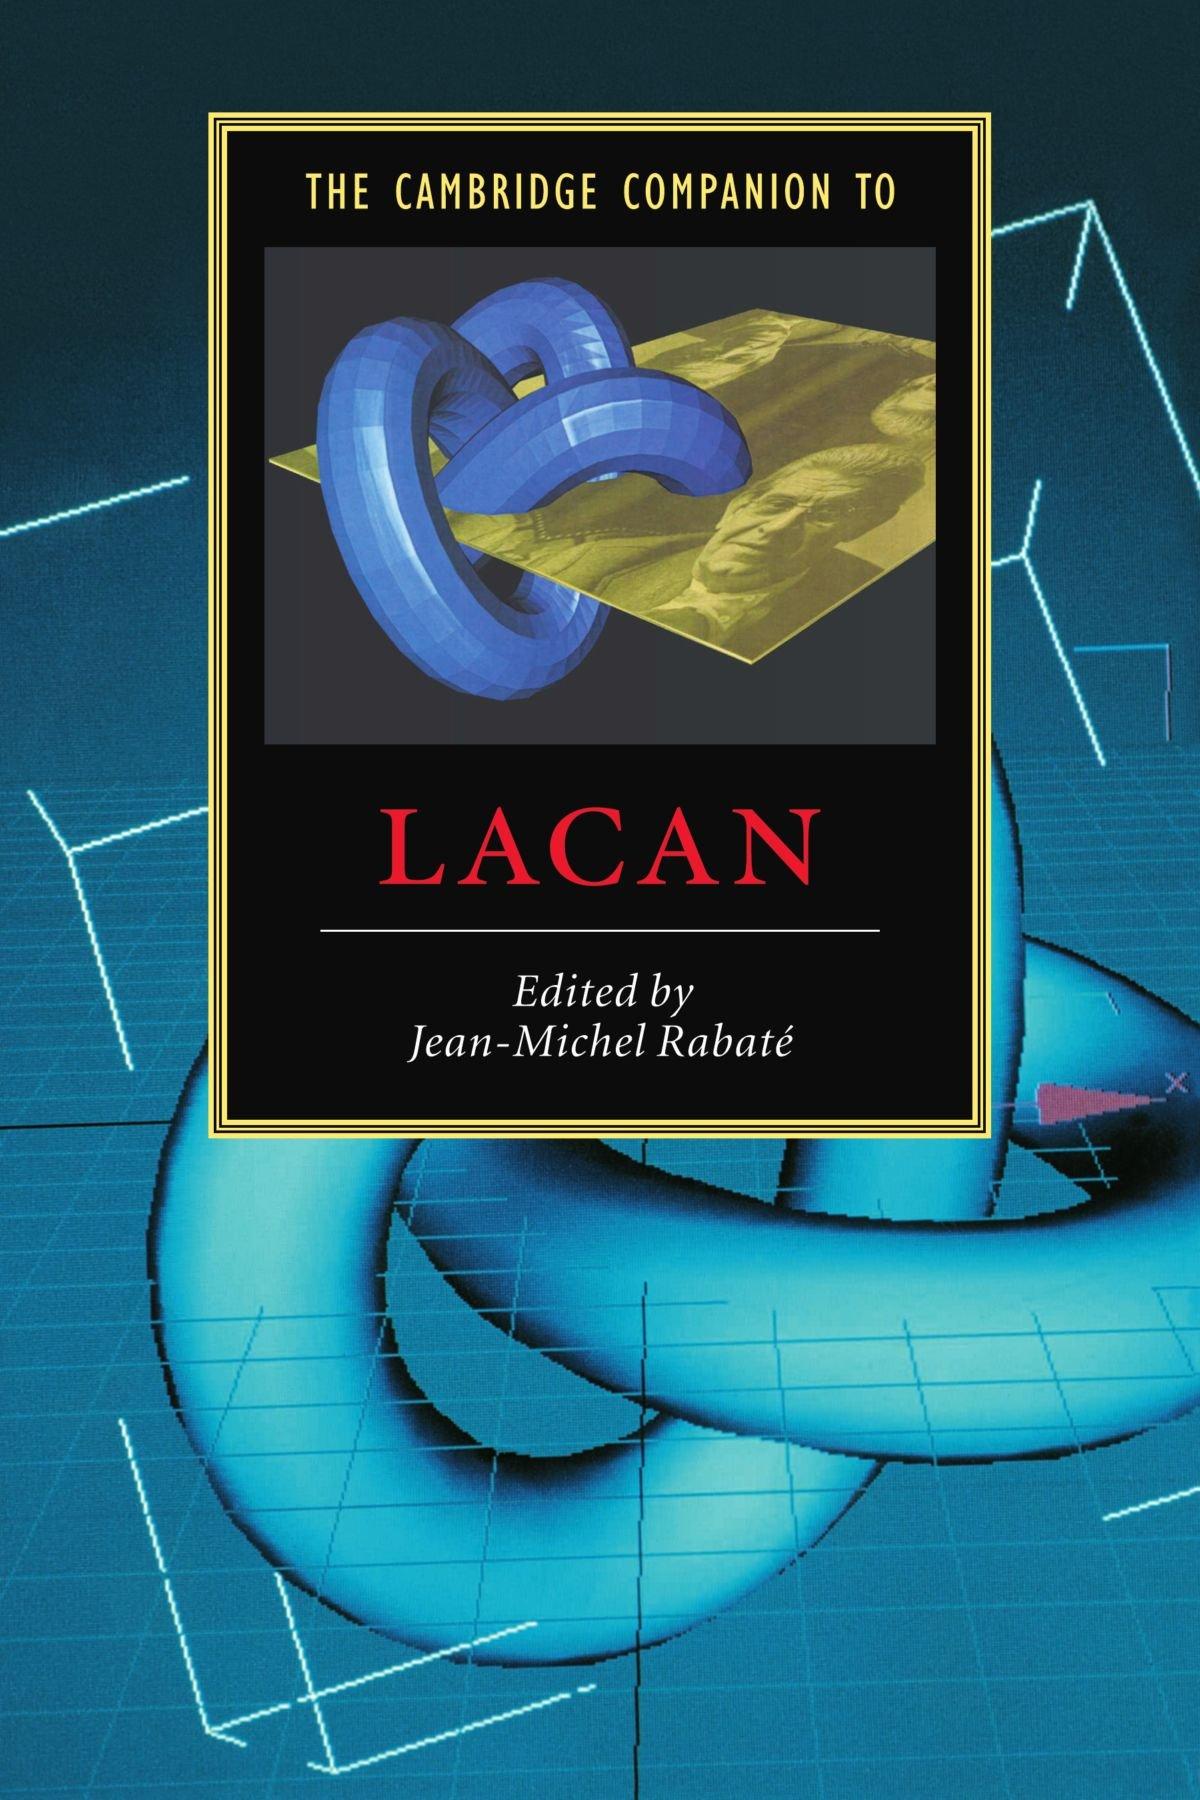 Download The Cambridge Companion to Lacan (Cambridge Companions to Literature) pdf